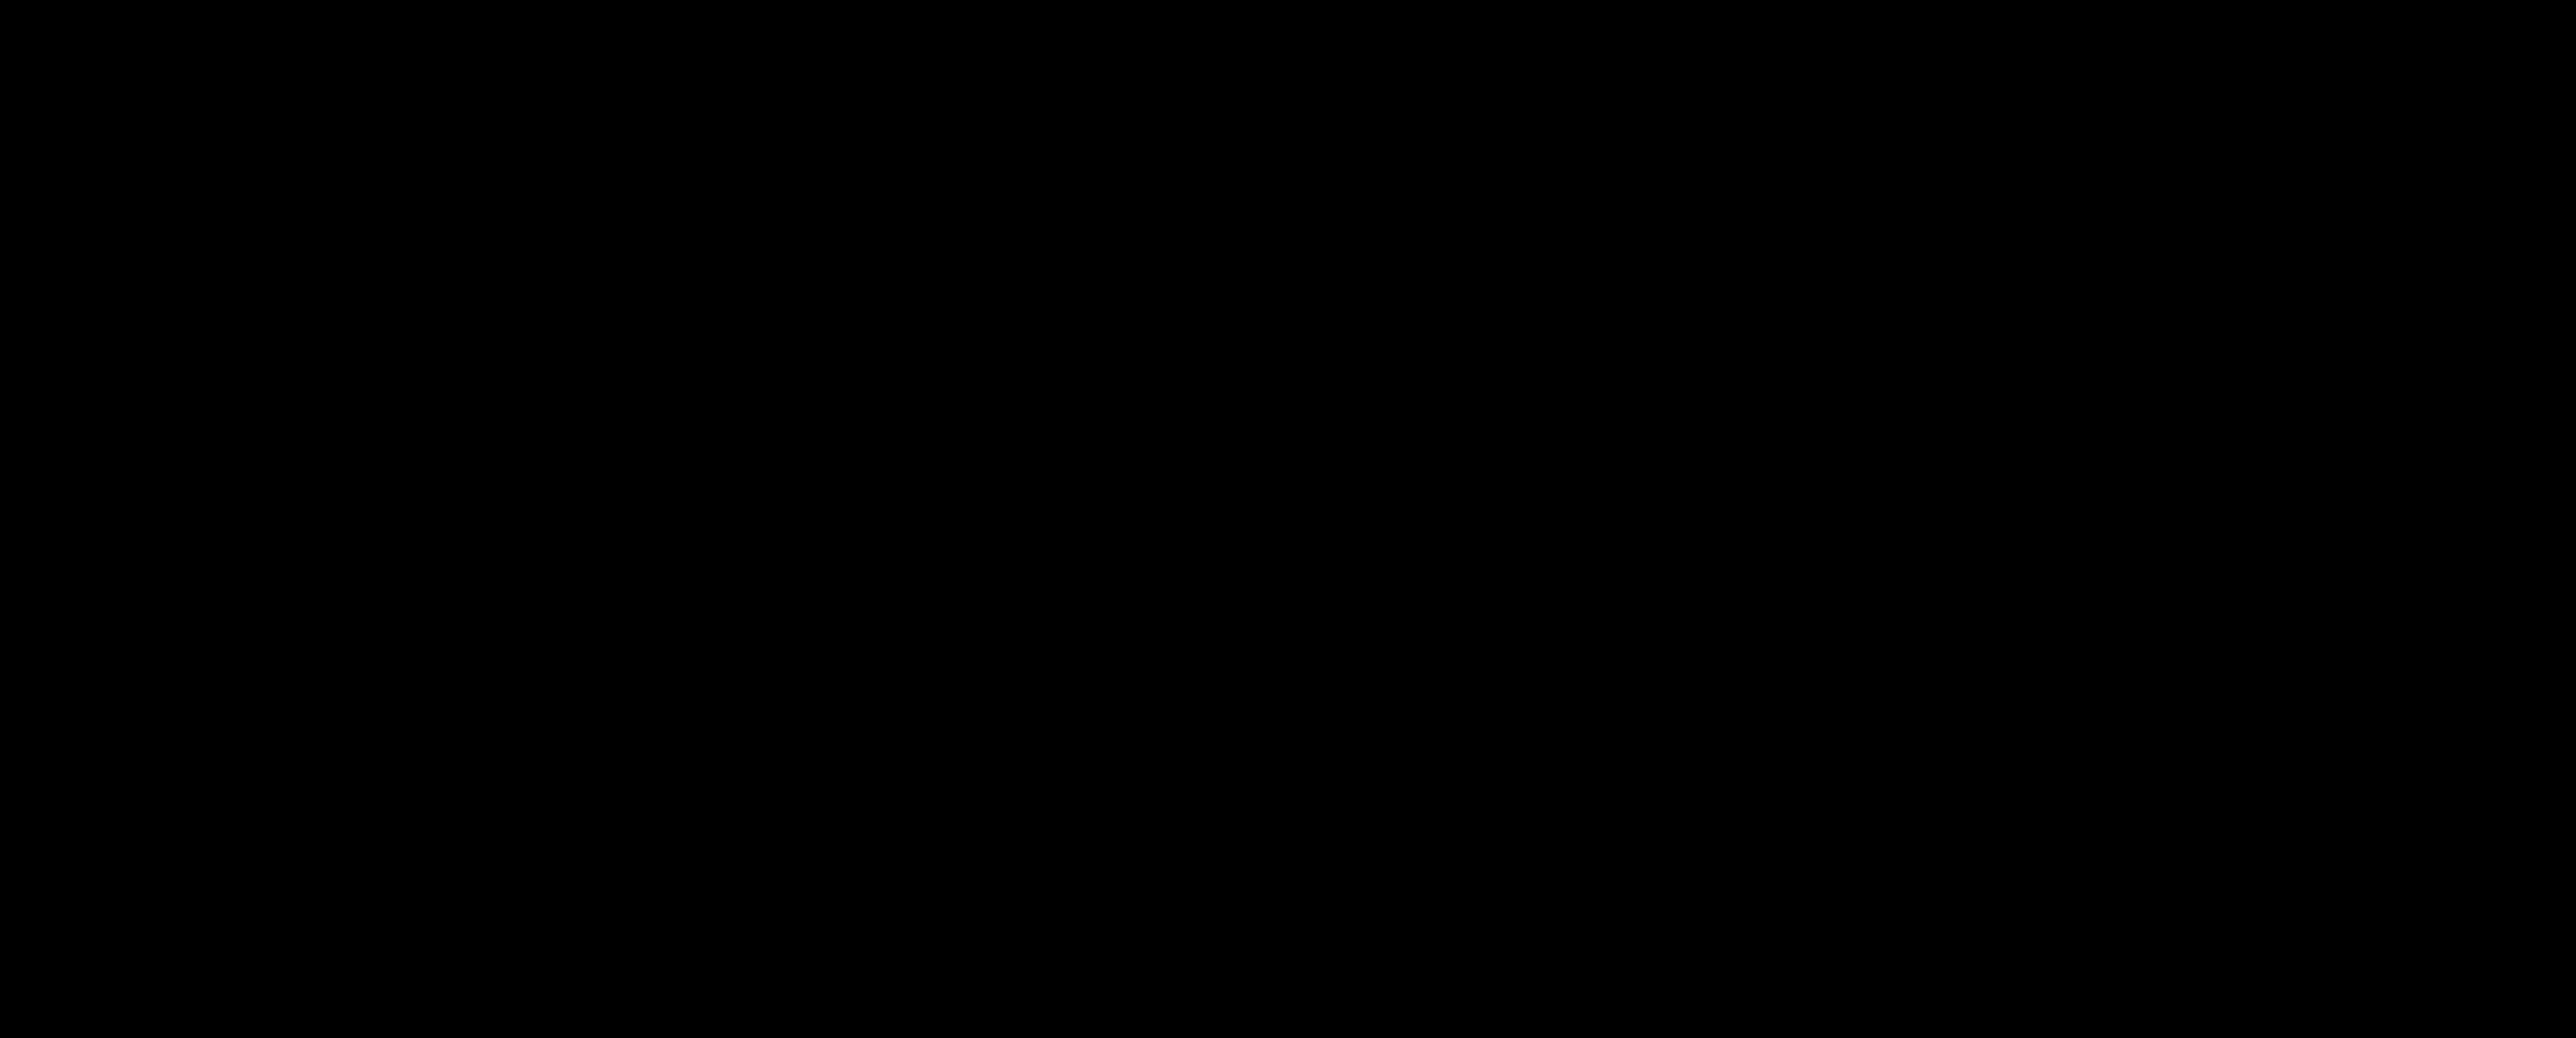 Copperfields, Plot 4 floor plan